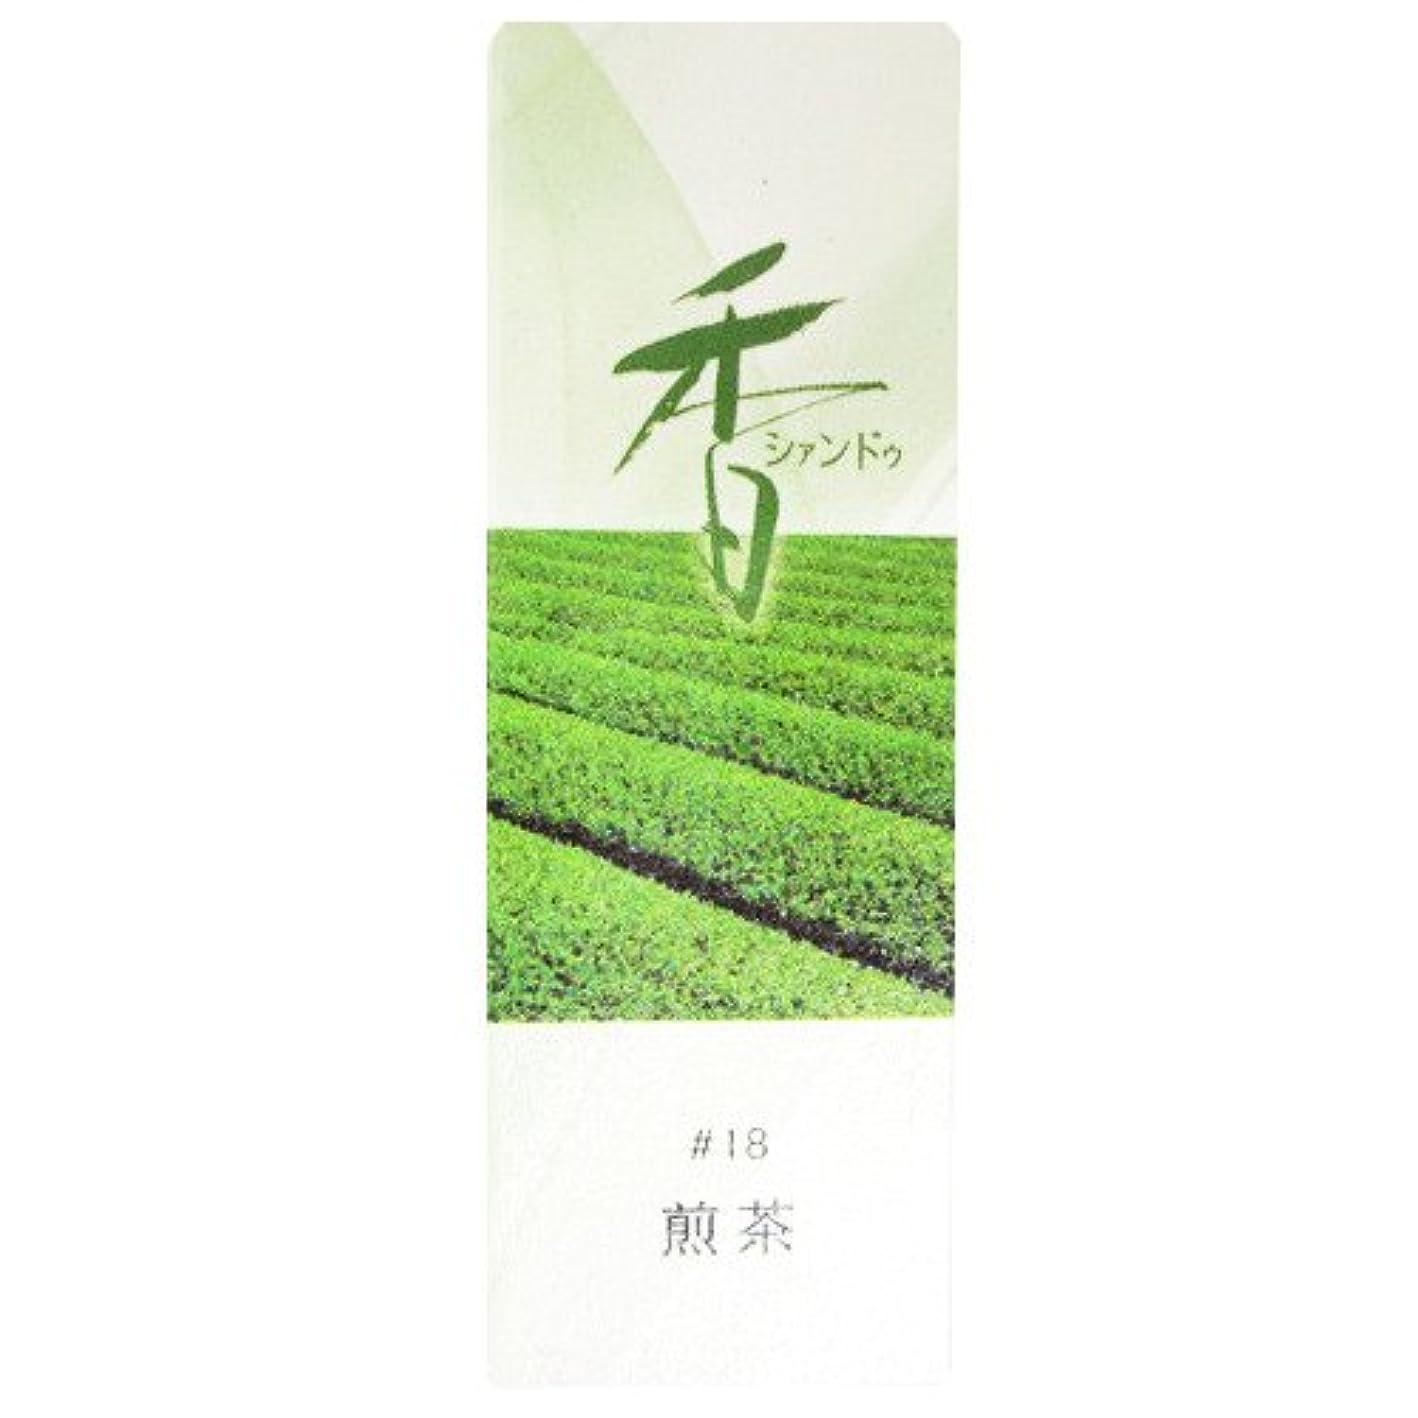 自伝認める松栄堂のお香 Xiang Do(シャンドゥ) 煎茶 ST20本入 簡易香立付 #214218